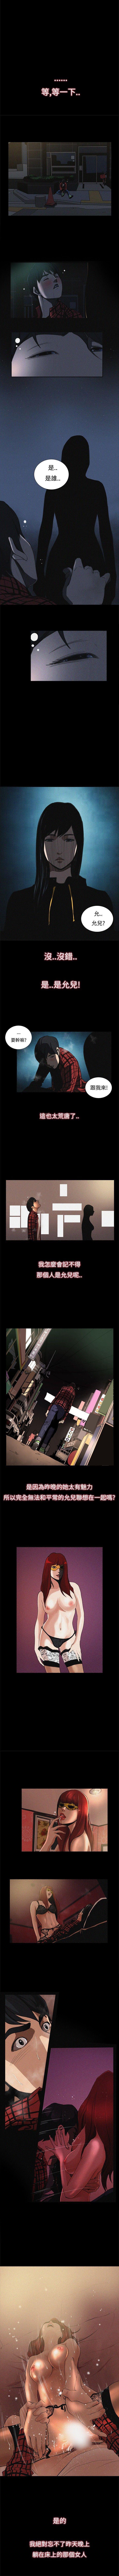 戀愛大排檔 1-16 50